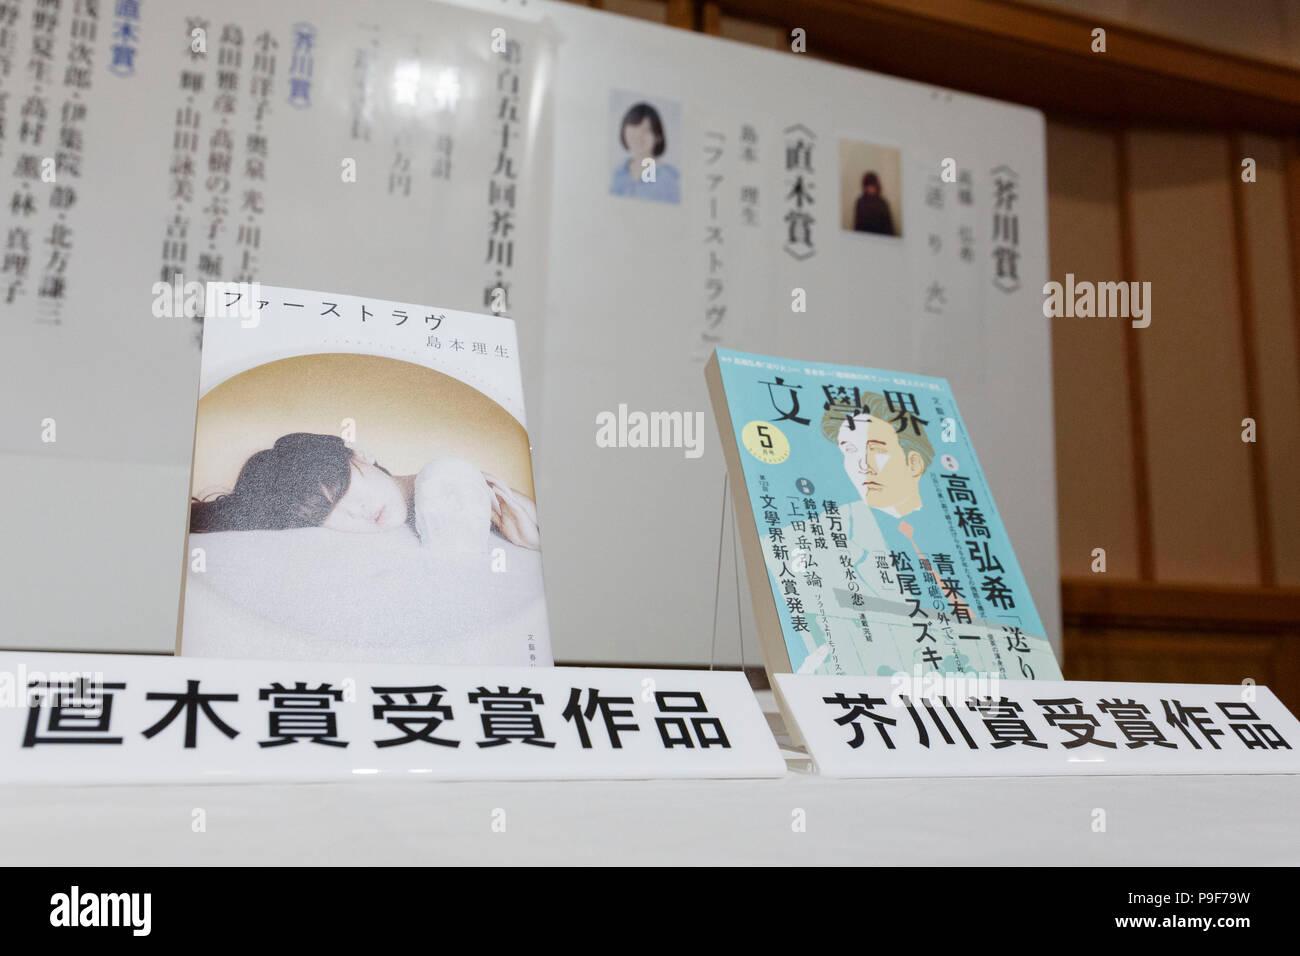 Takahashi Books Stock Photos & Takahashi Books Stock Images - Alamy